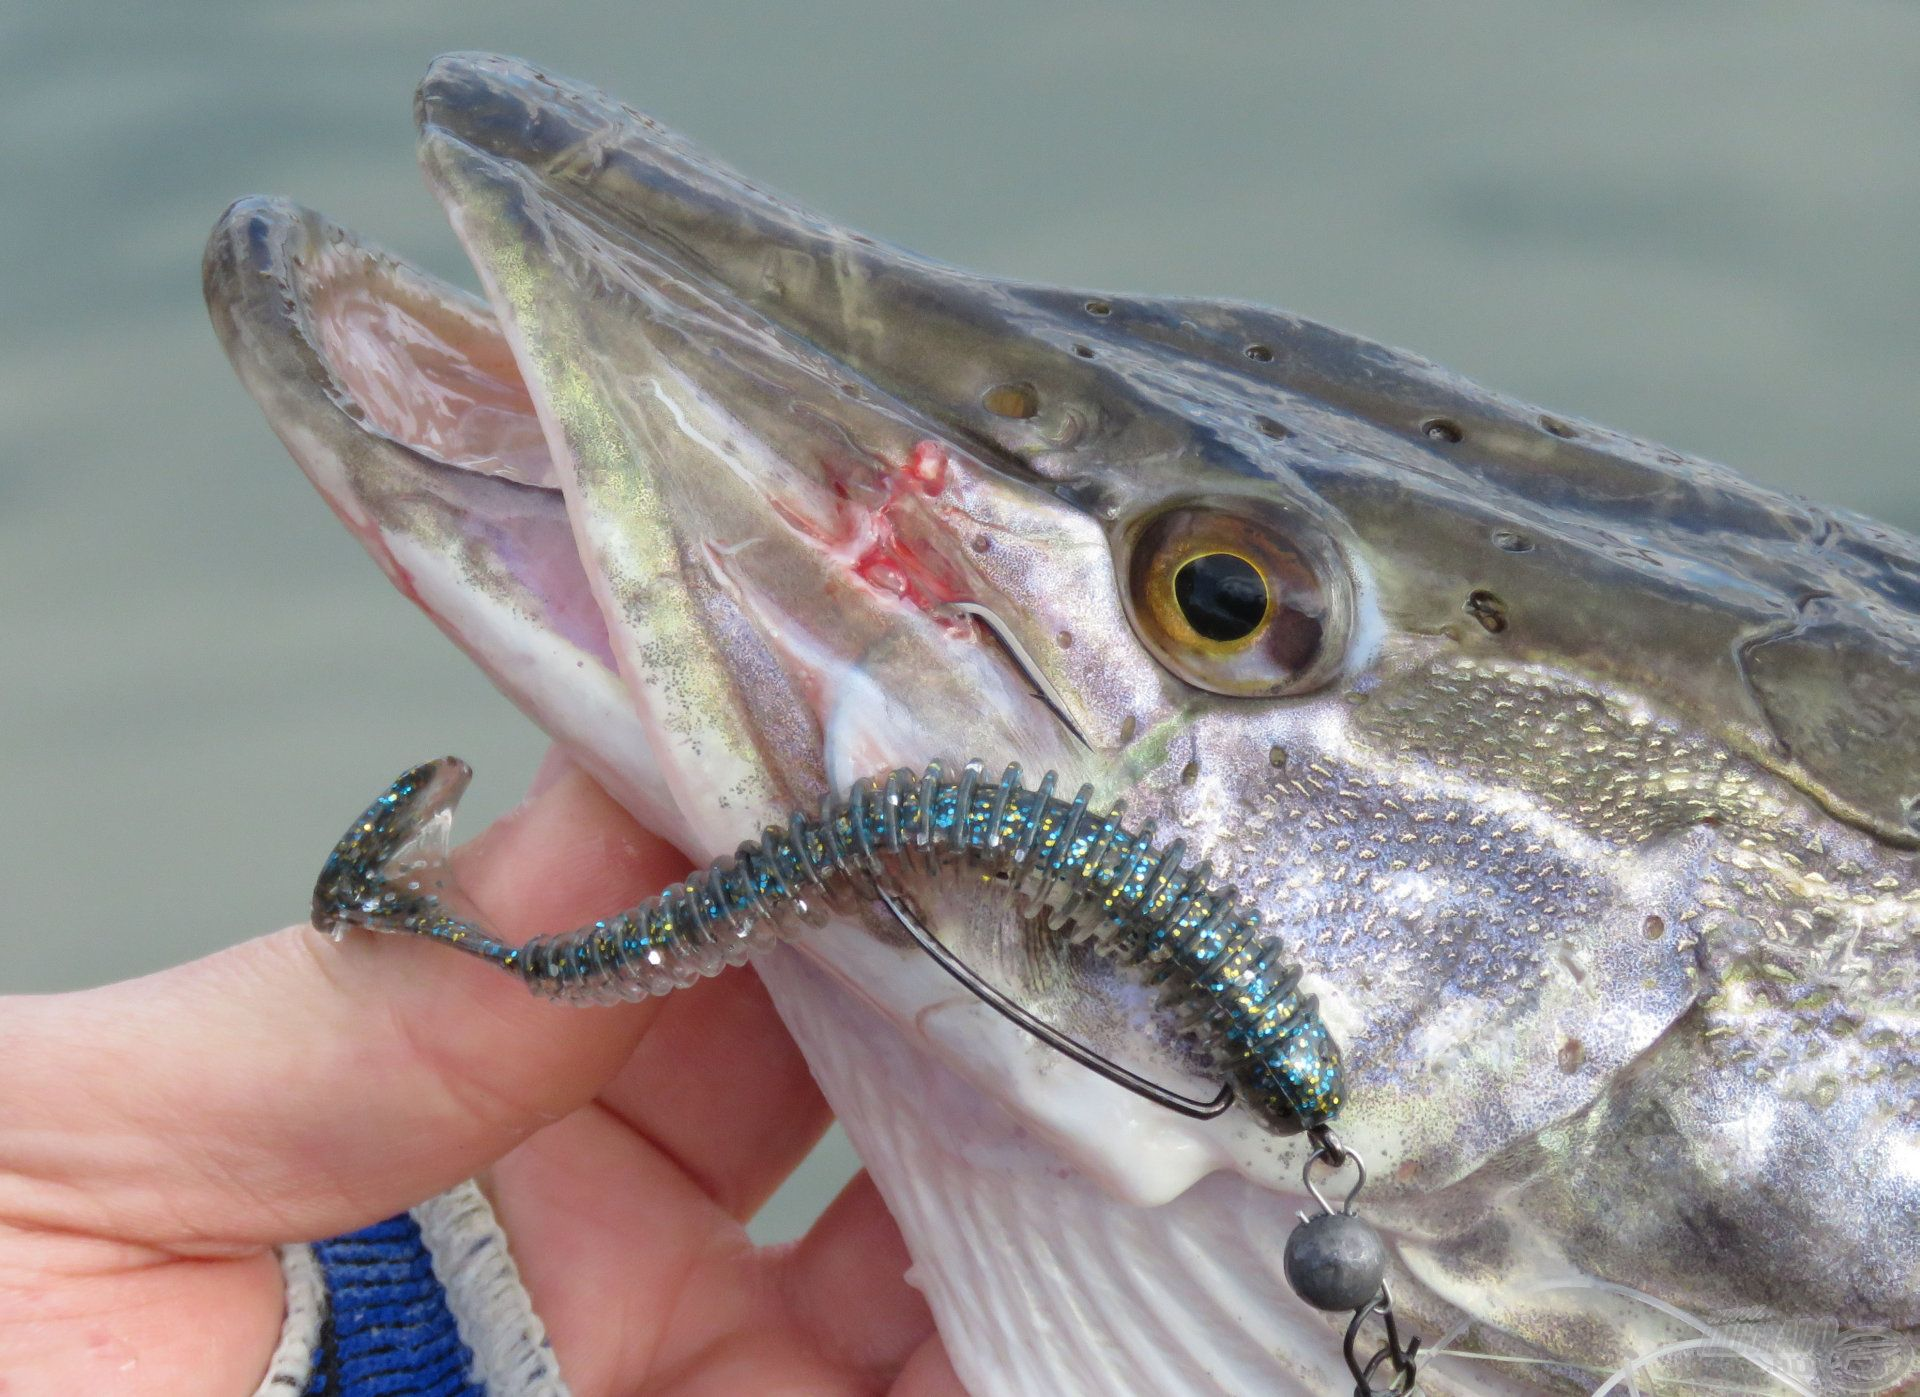 A tó vize nagyon tiszta, így az élethű színű csalik jobban adták a halat